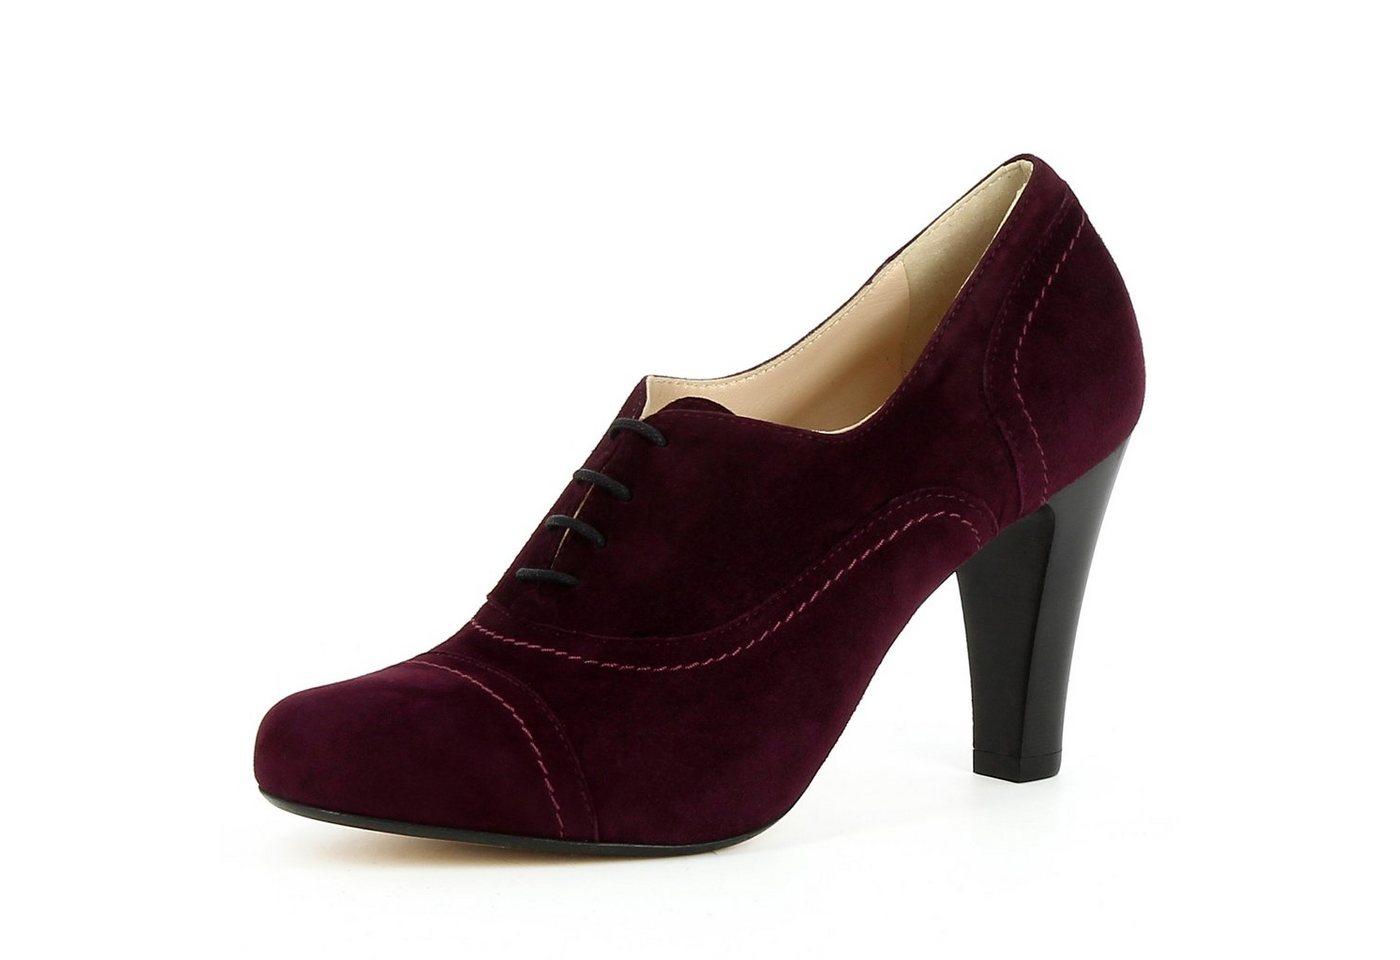 Evita »MARIA« Schnürpumps | Schuhe > Pumps > Schnürpumps | Rot | Evita